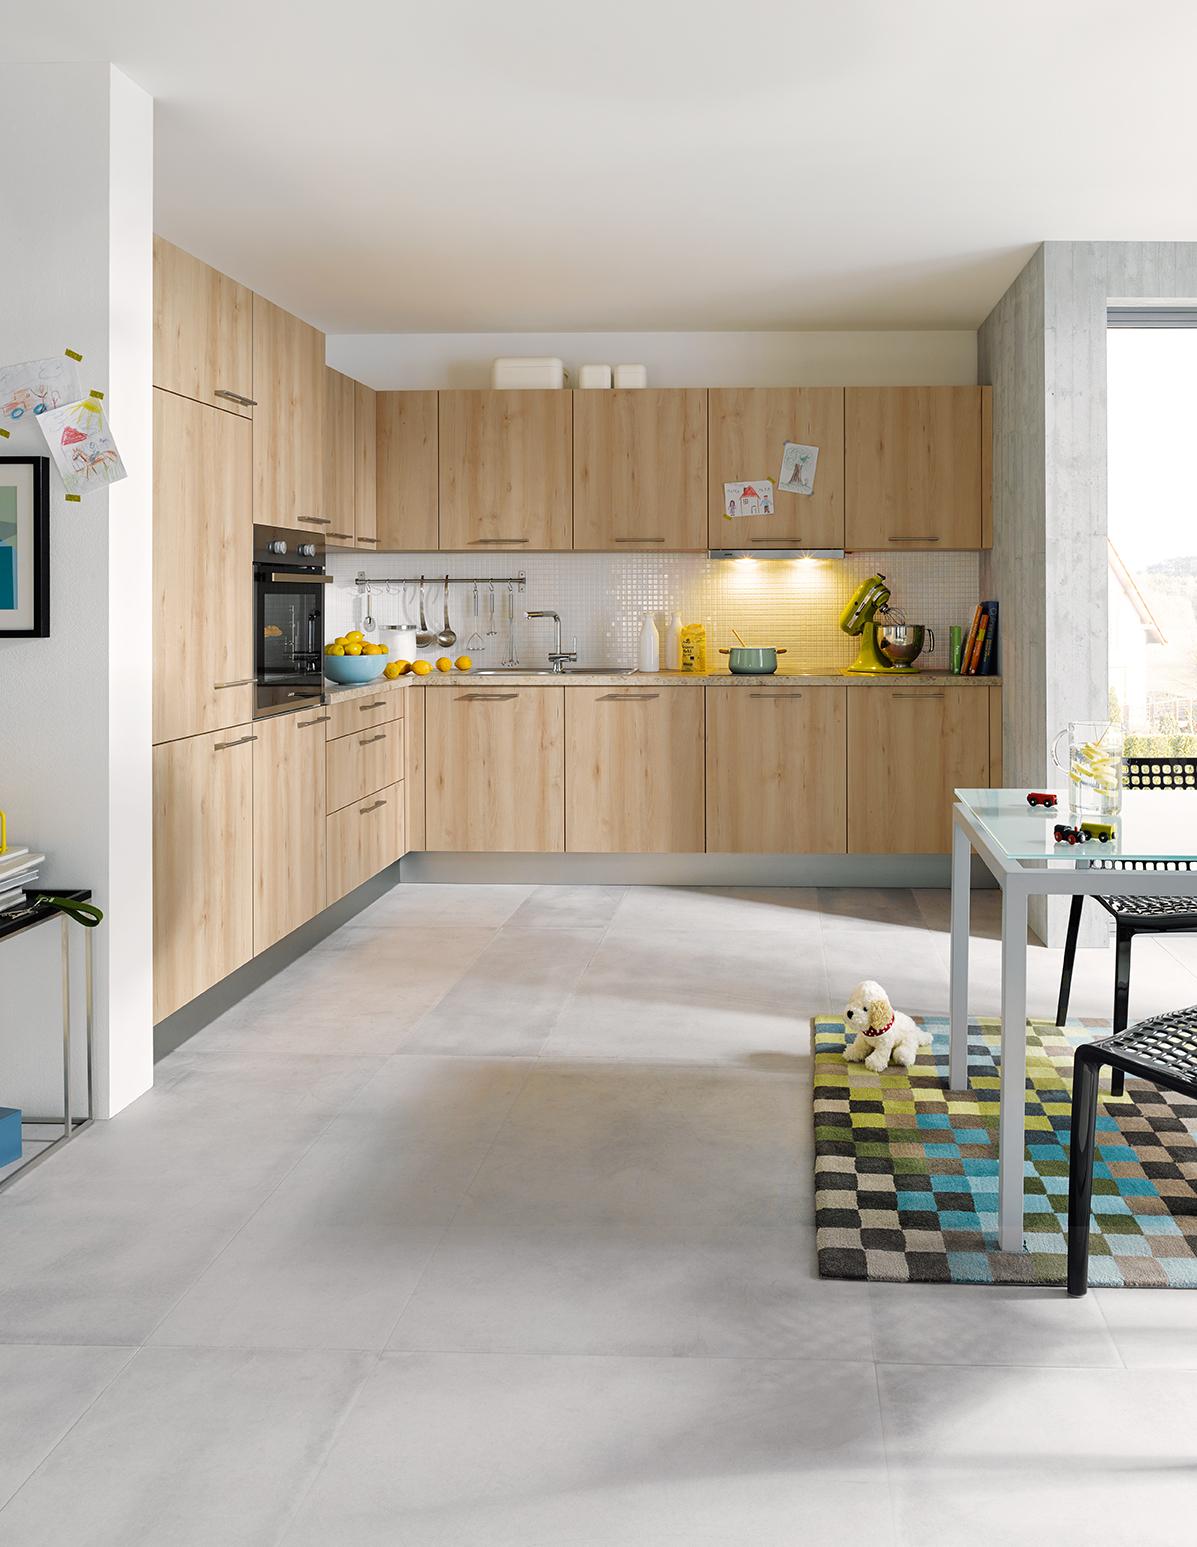 Full Size of Holzküchen Holzkchen So Wird Ihre Kche Zum Wohlfhlort Wohnzimmer Holzküchen